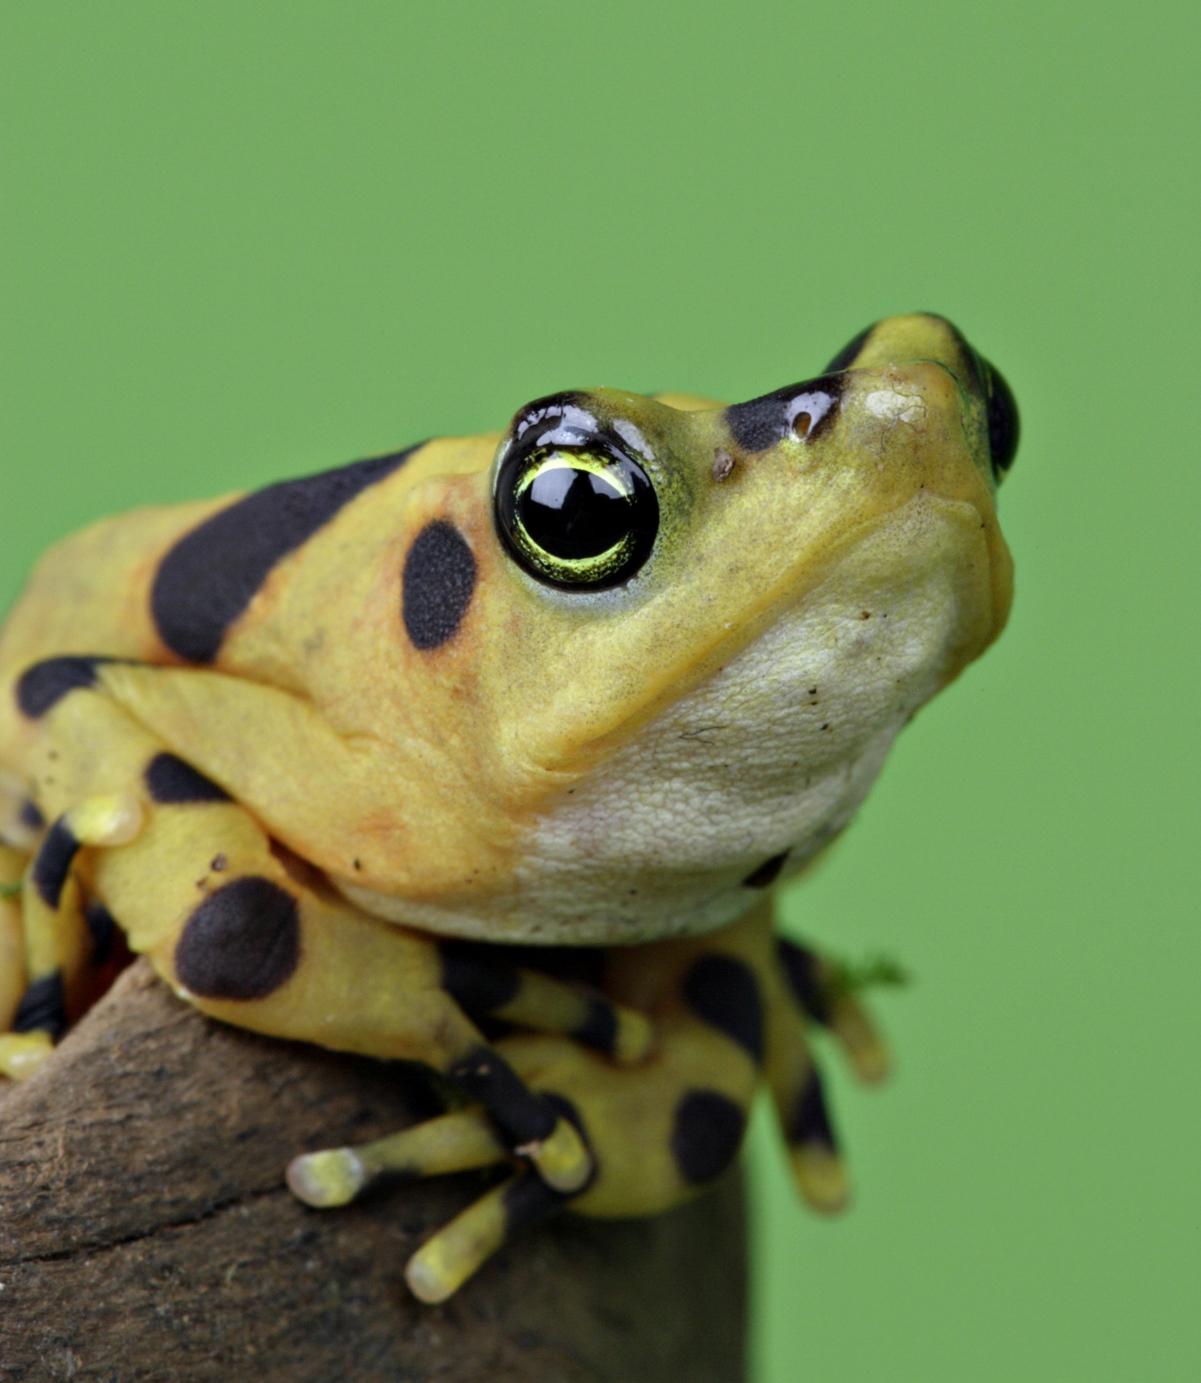 Atelopus frog poisonous - photo#20